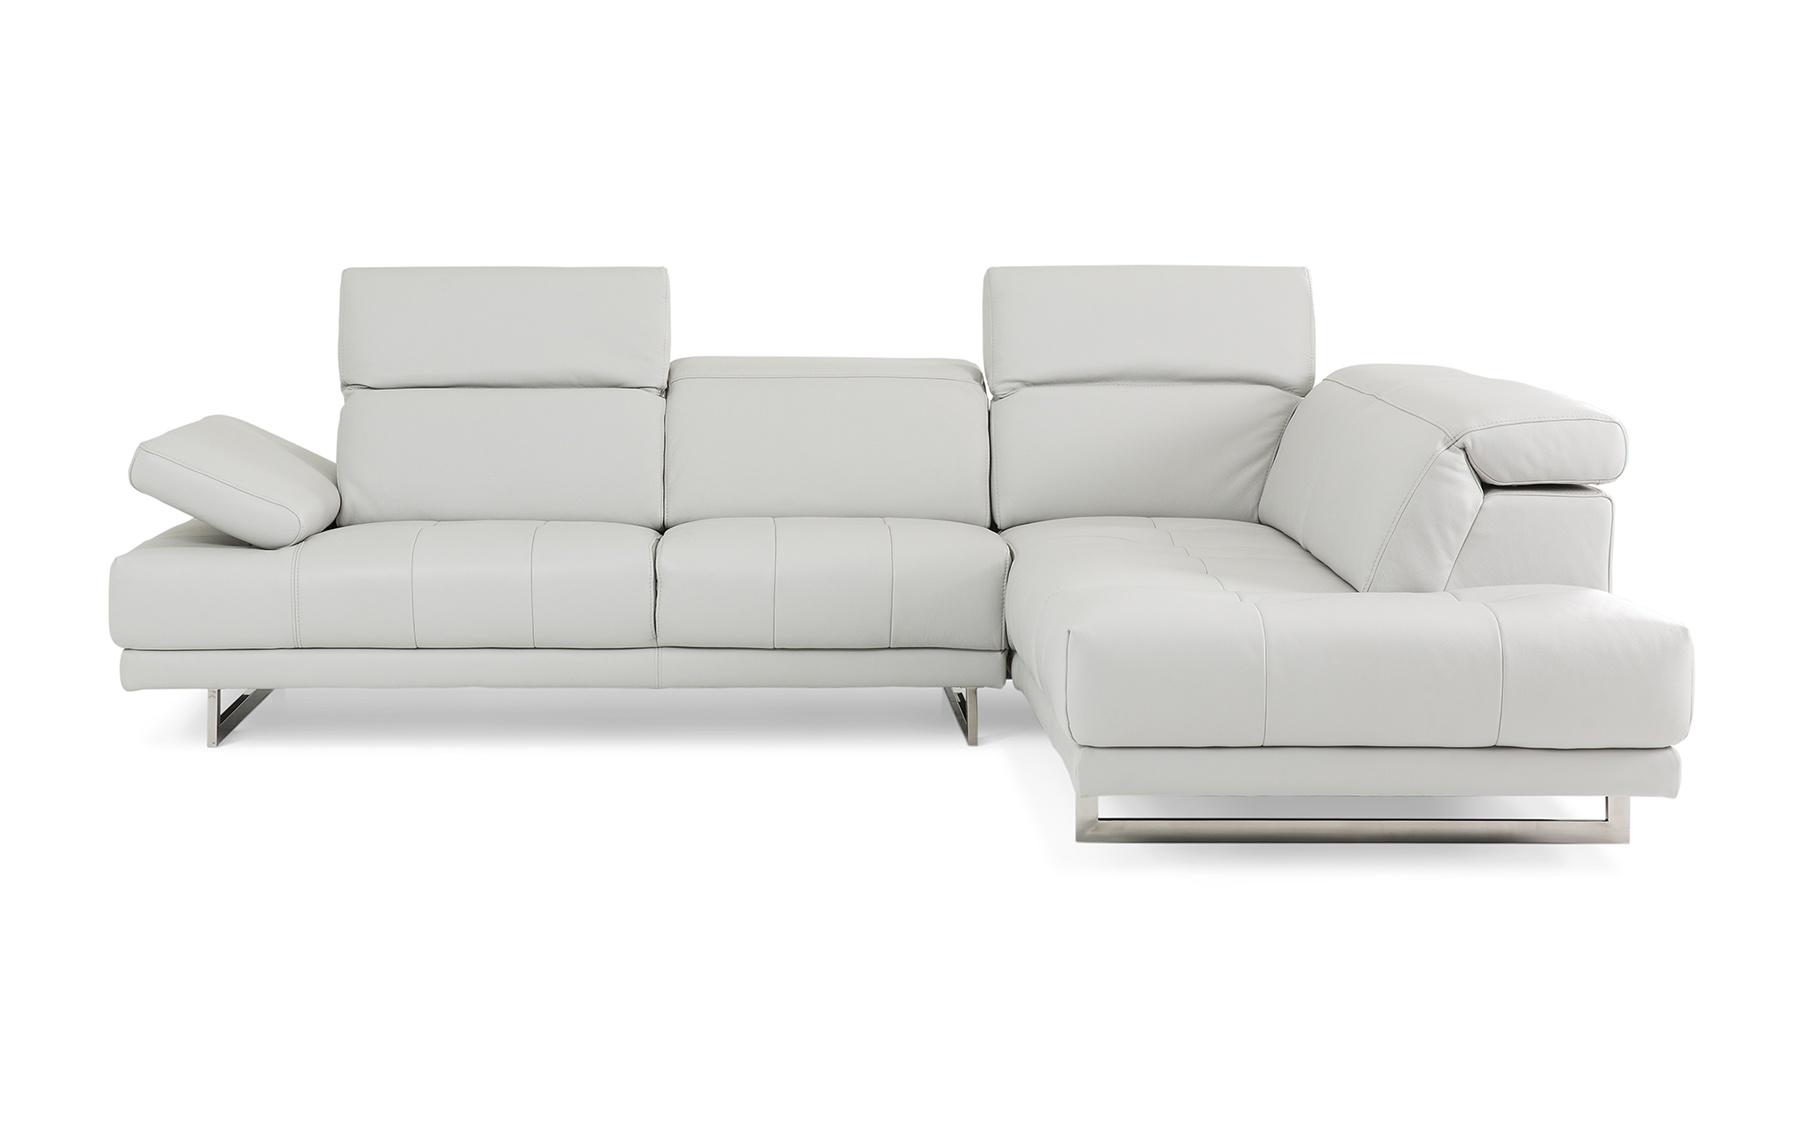 canap composable cuir c796 composables salons la. Black Bedroom Furniture Sets. Home Design Ideas